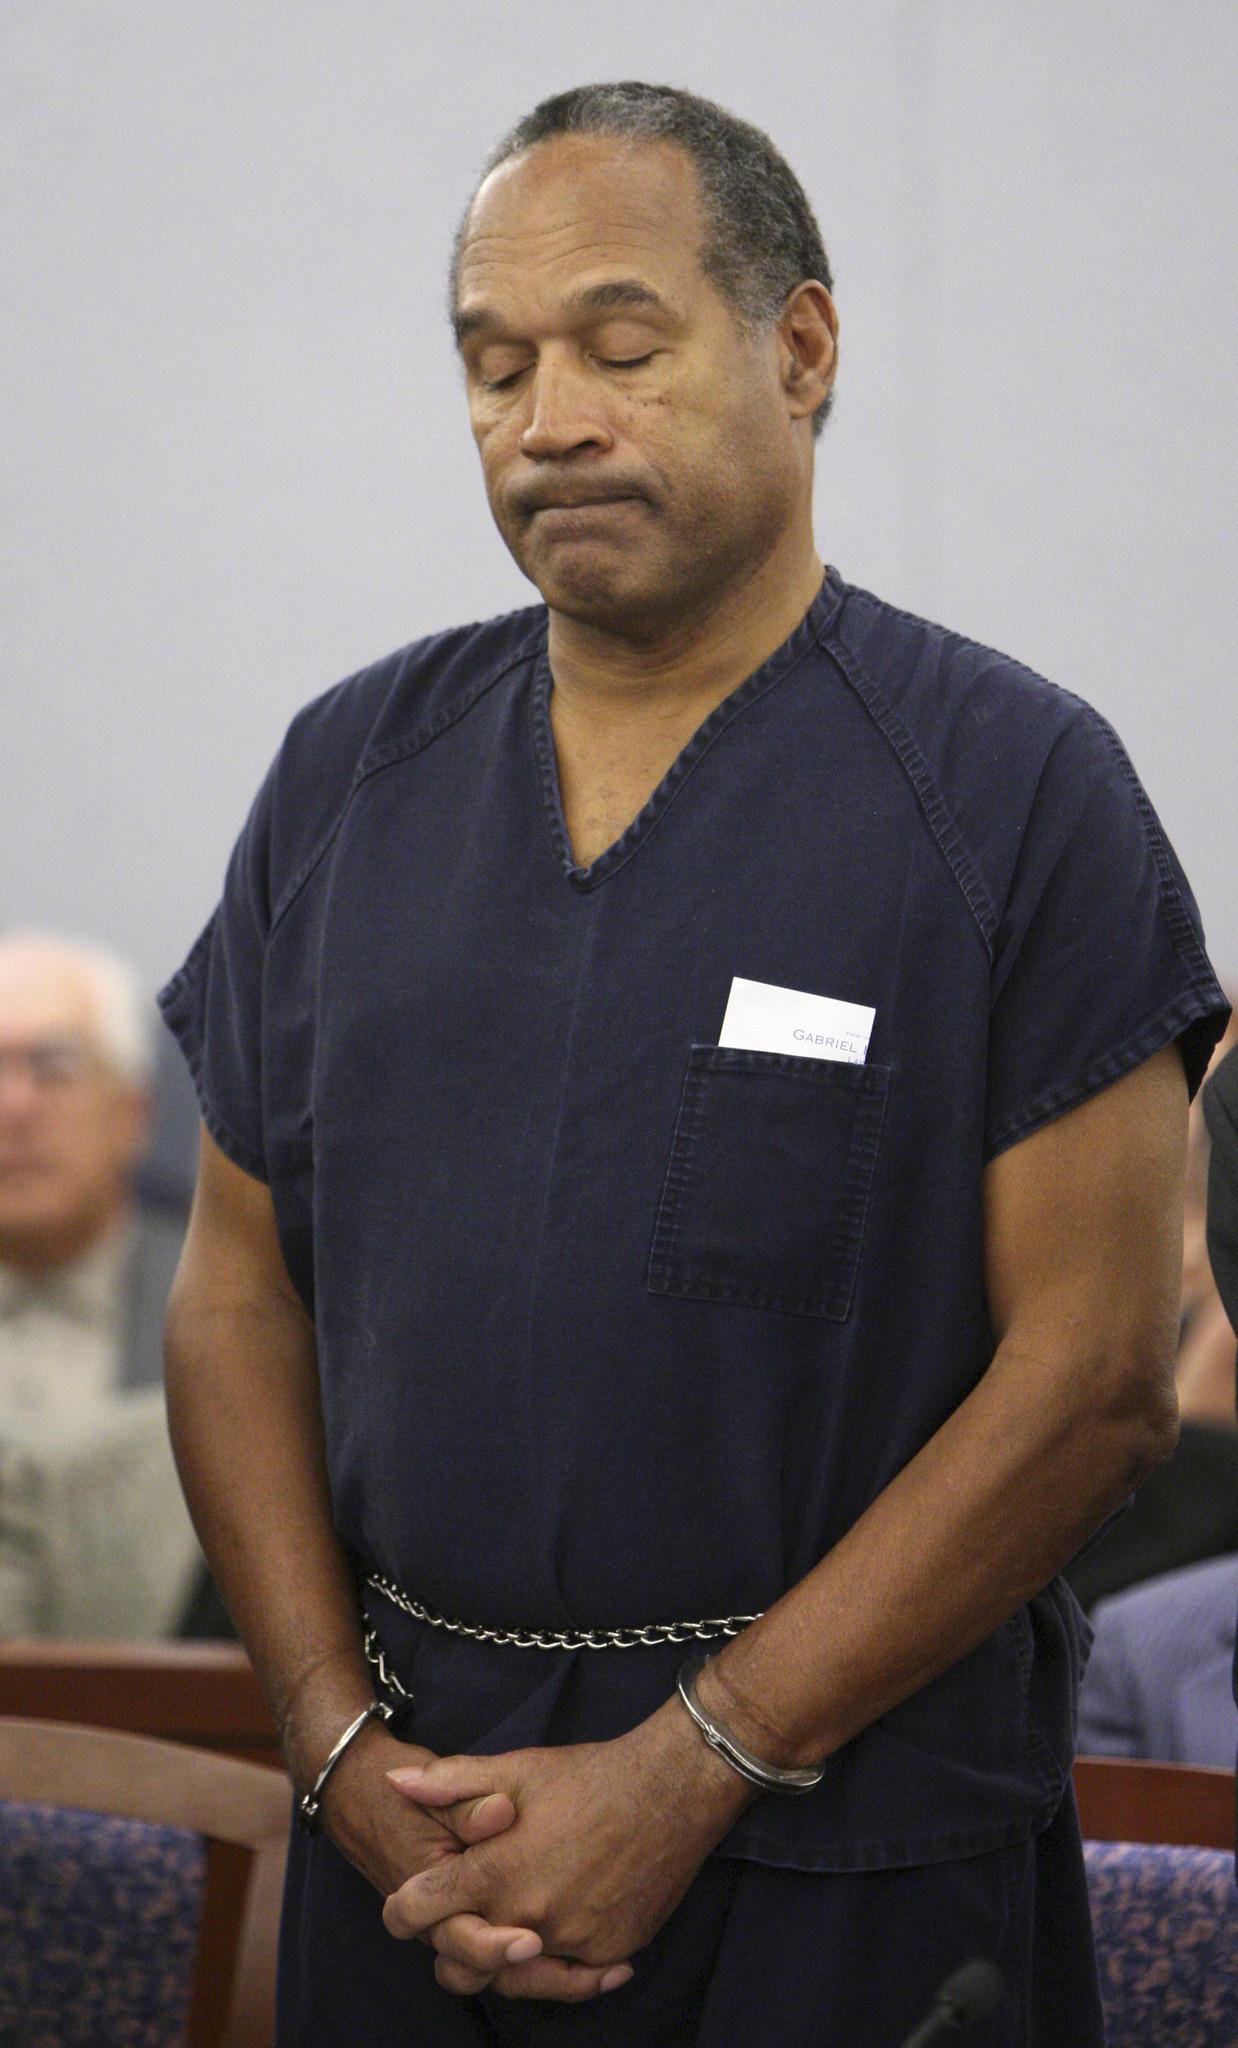 O. J. Simpson cumple una condena en Nevada por delitos no relacionados con el homicidio de su ex esposa. Podría salir en libertad condicional durante 2017